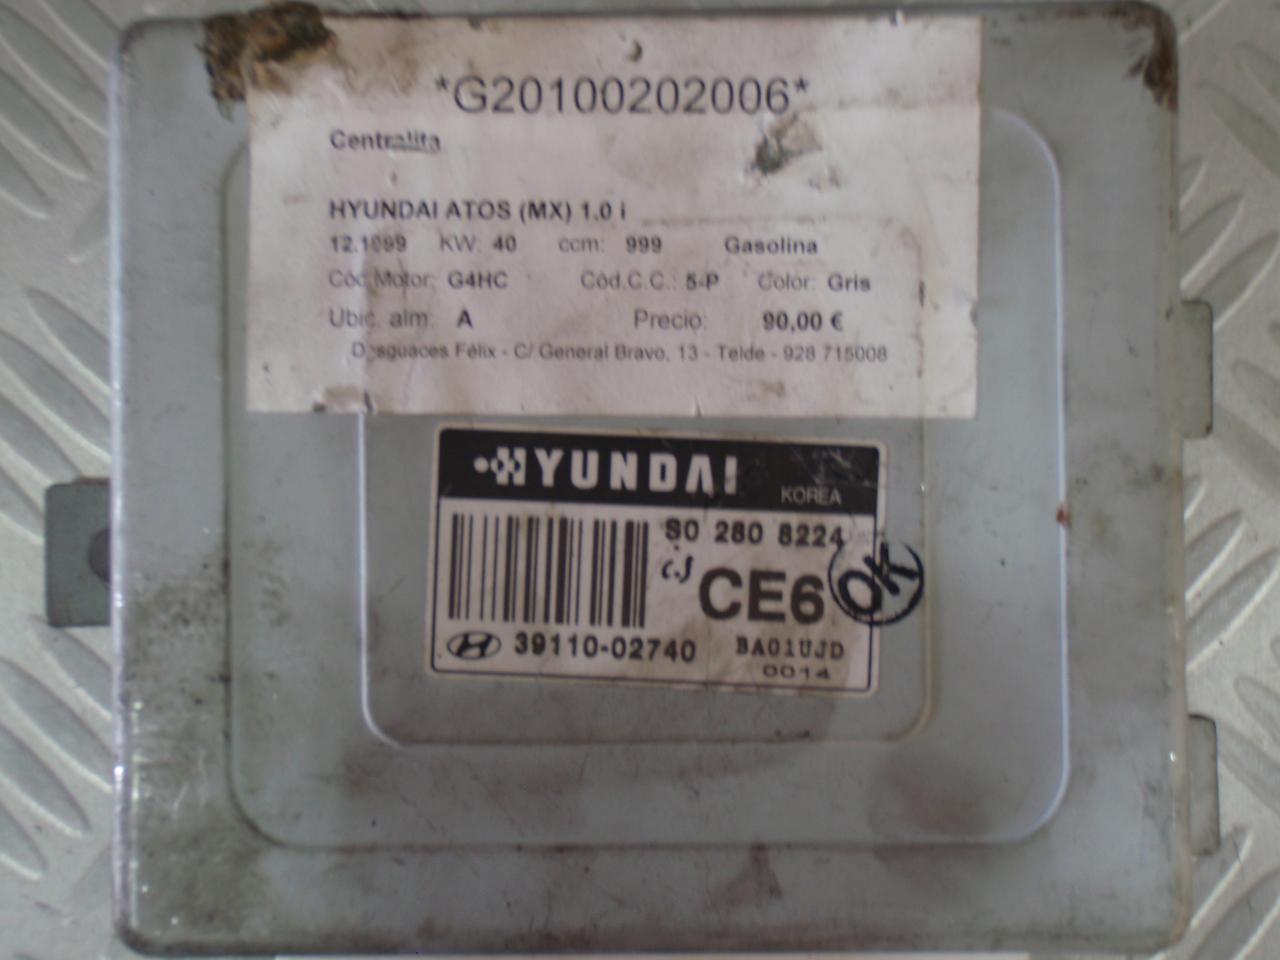 hyundai atos ecu wiring diagram 2002 mitsubishi lancer fuel pump 3911002740 1 0i 40kw s02808224